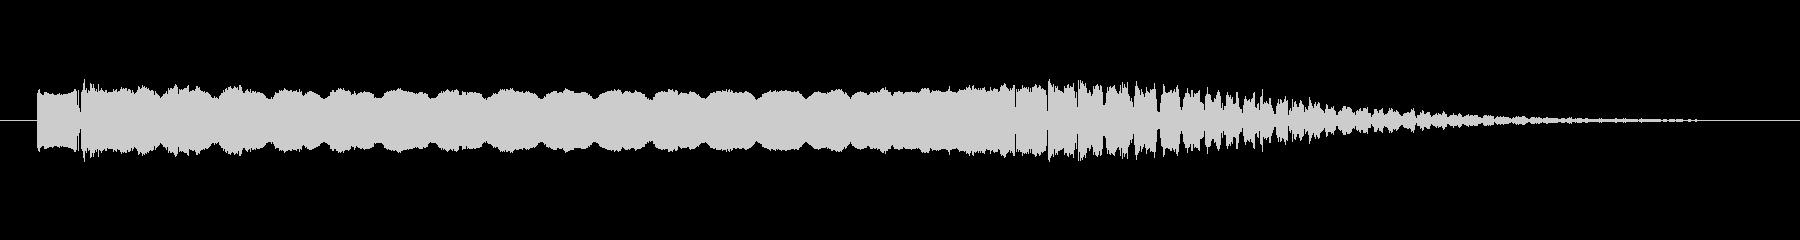 フィクション 実用性 Genera...の未再生の波形